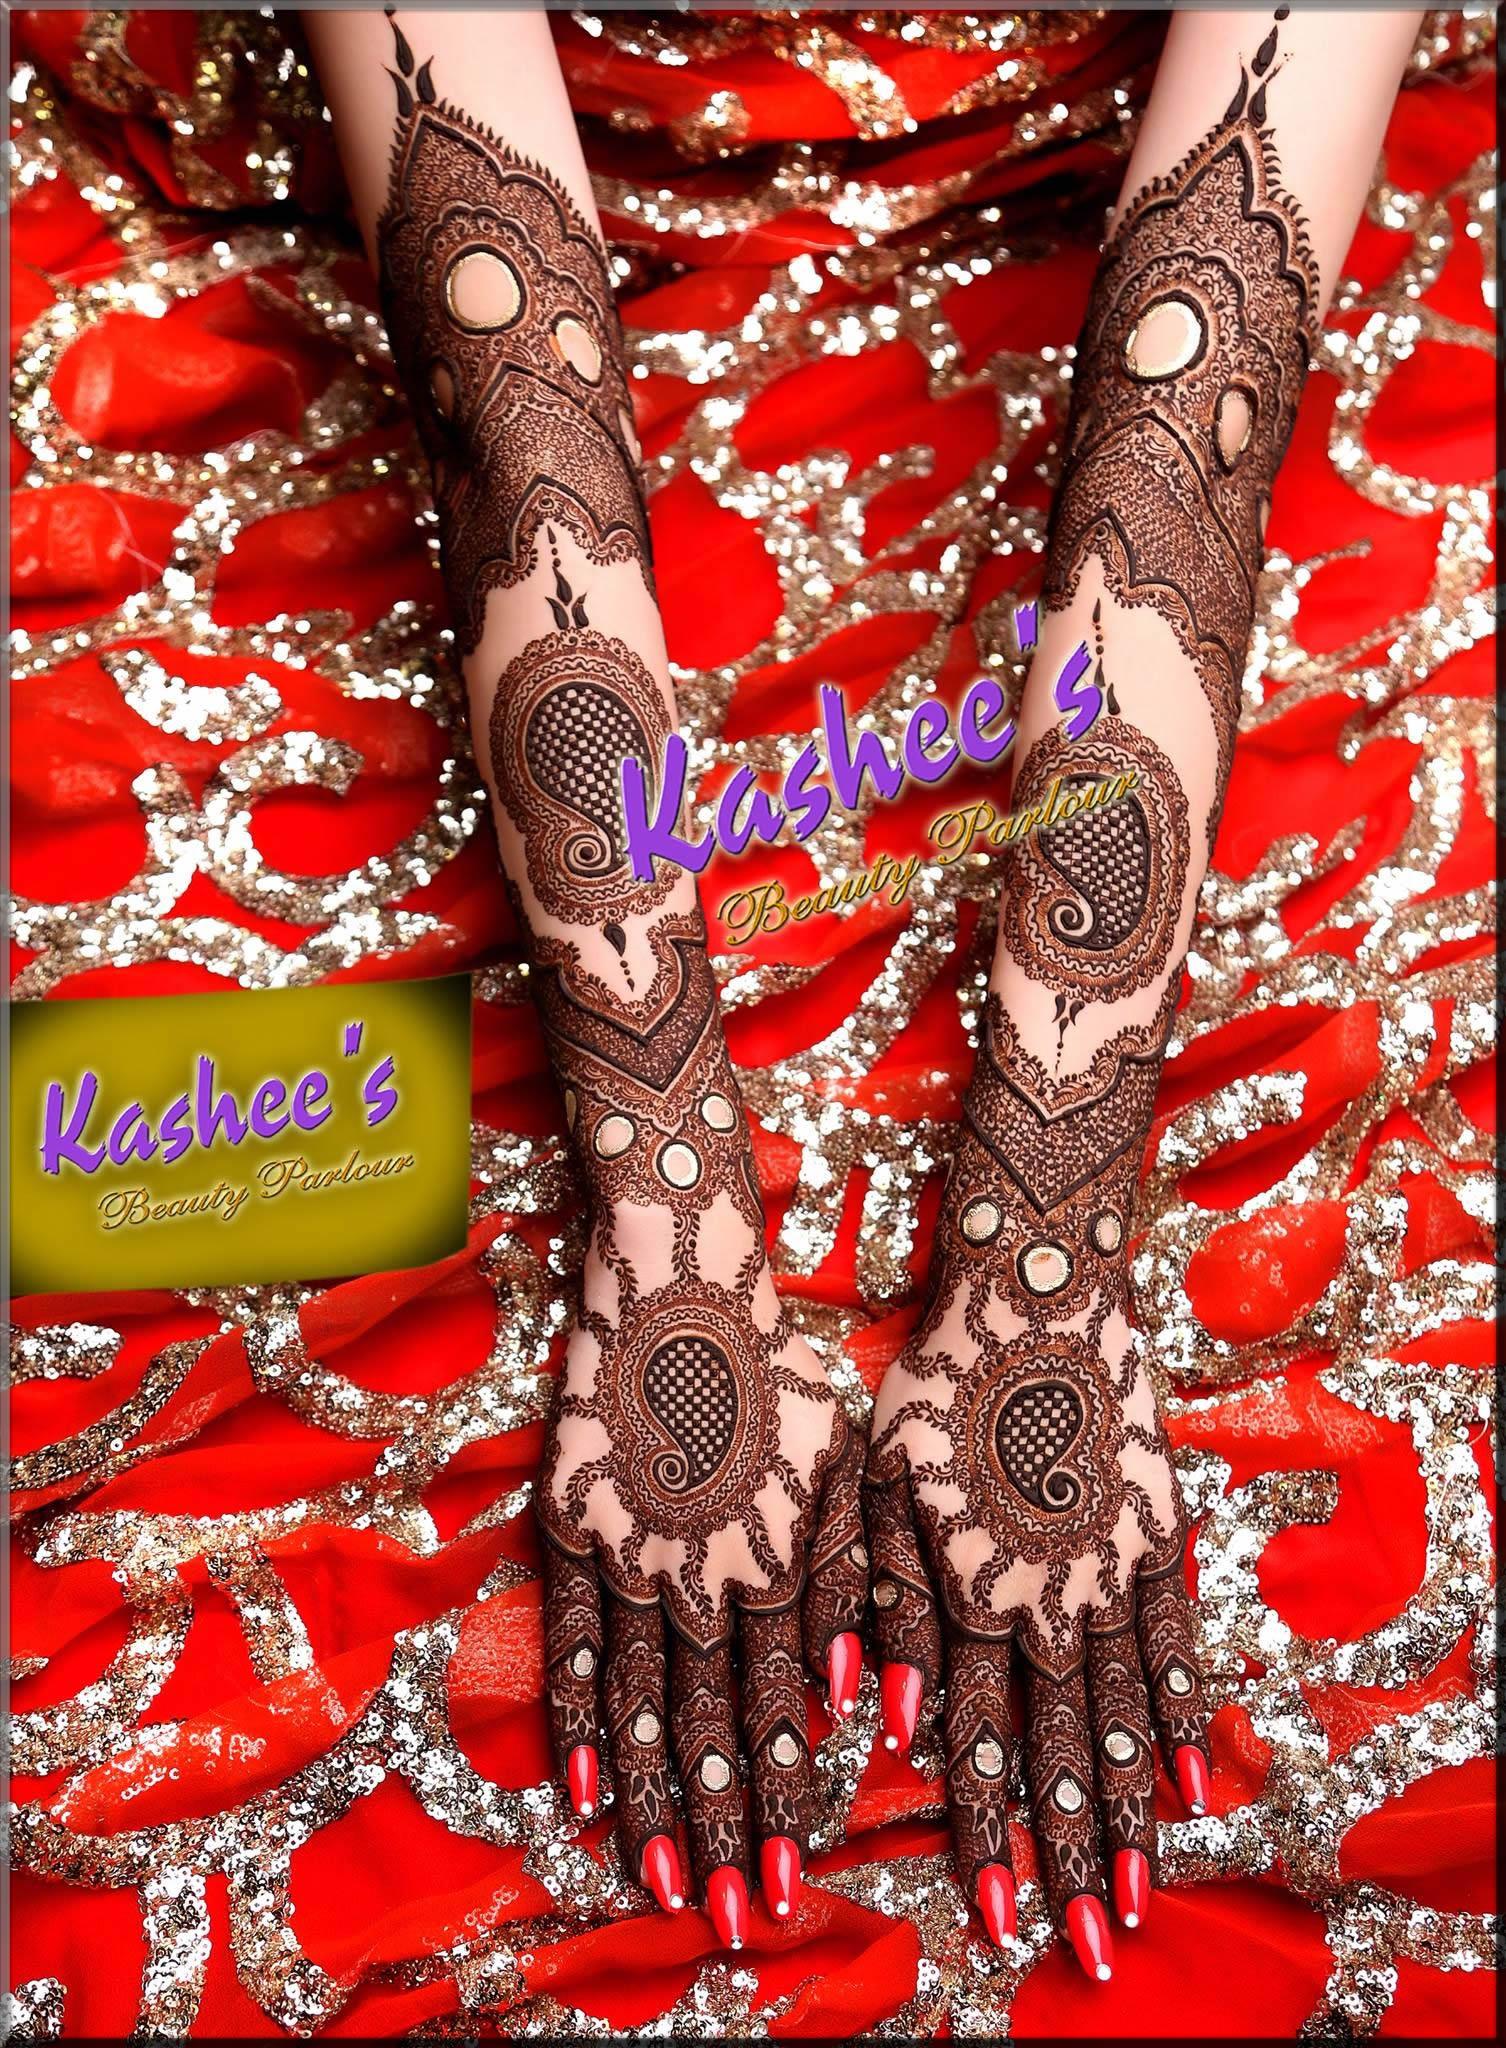 adorable kashee's mehndi designs